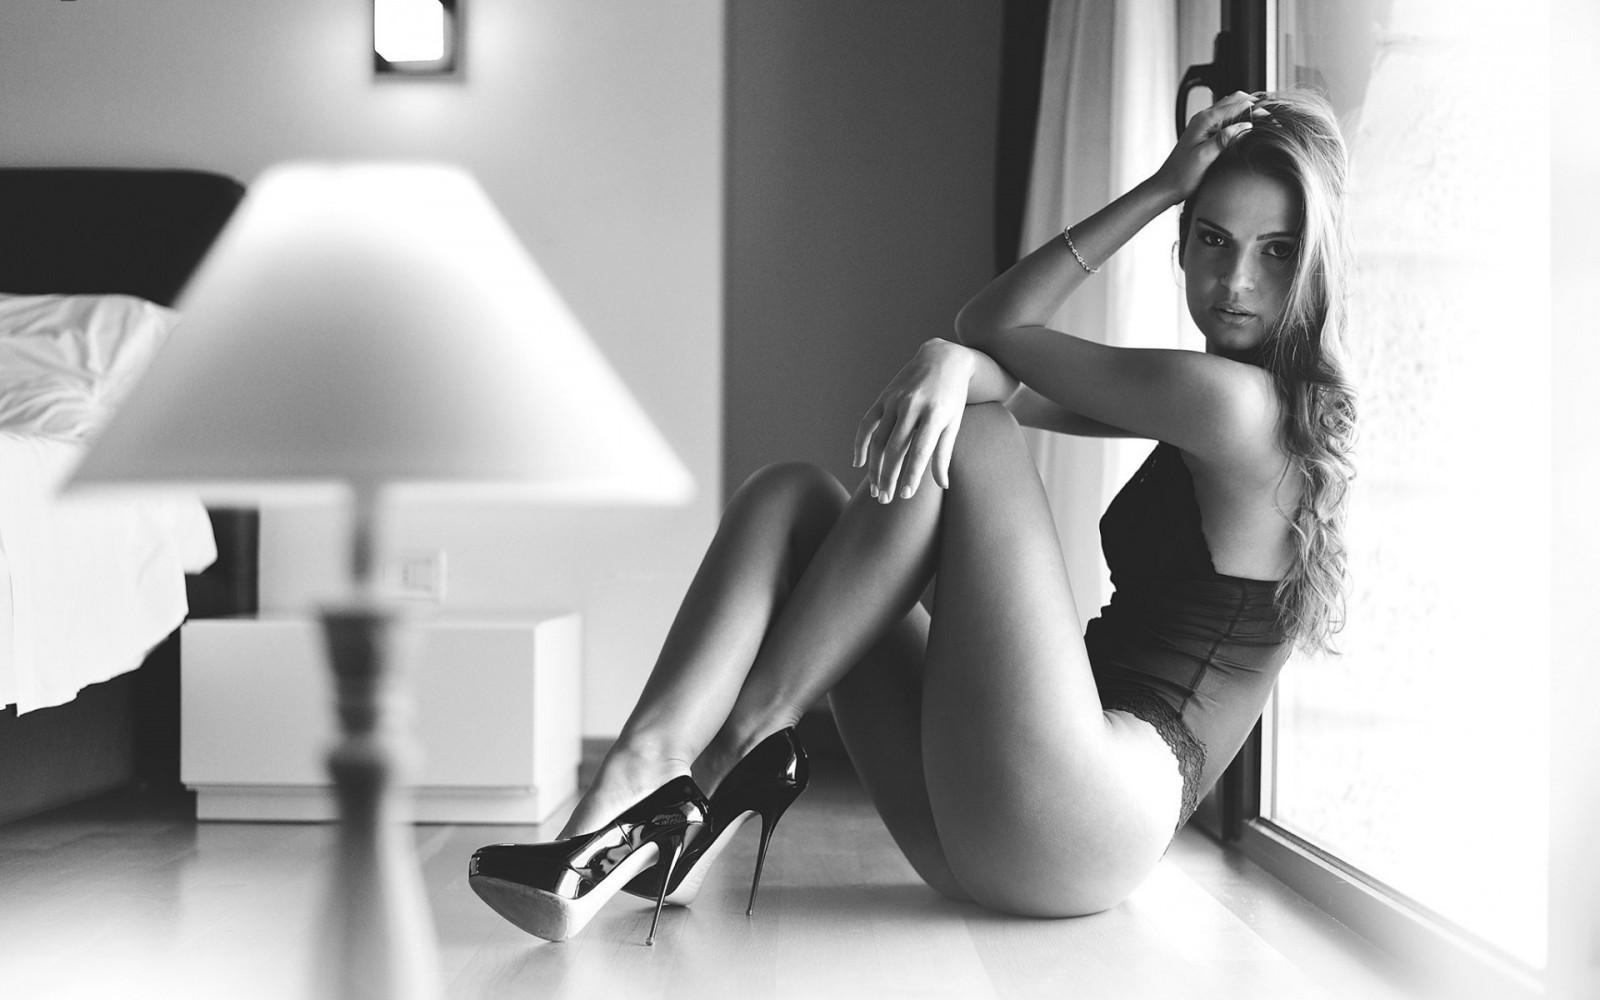 Раздвинутые ножки женские, волосатая голая болгарка